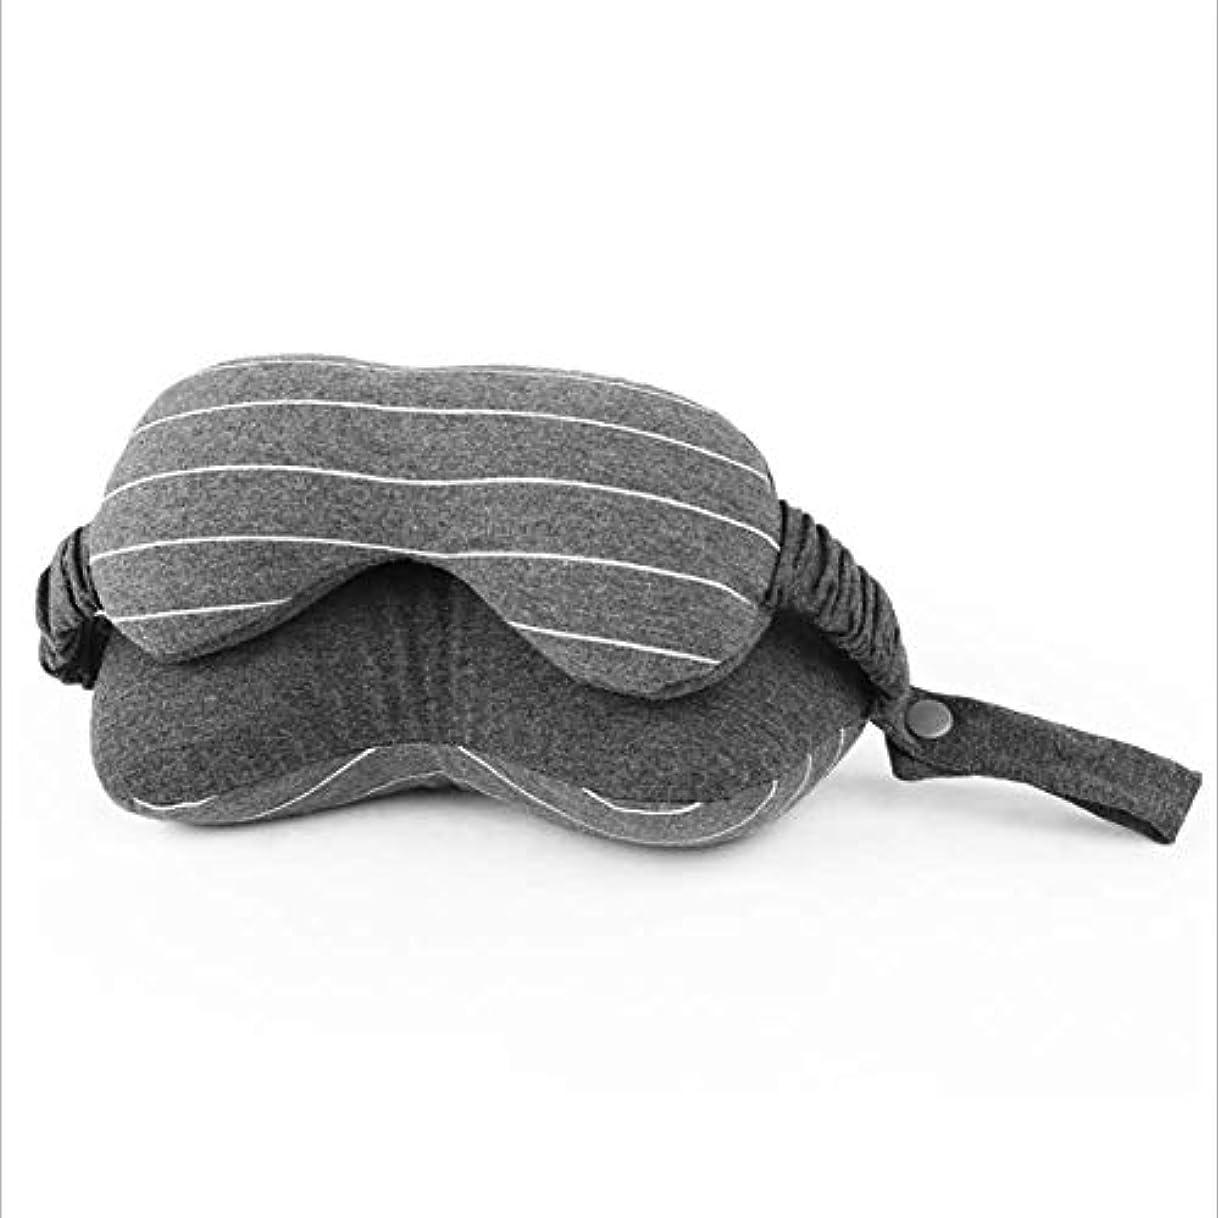 国民投票合併症ブルーベルアイマスクの枕旅行の睡眠に適していますストレスリリーフユニセックスフルシェーディングソフトで快適な調節可能睡眠に役立ちます